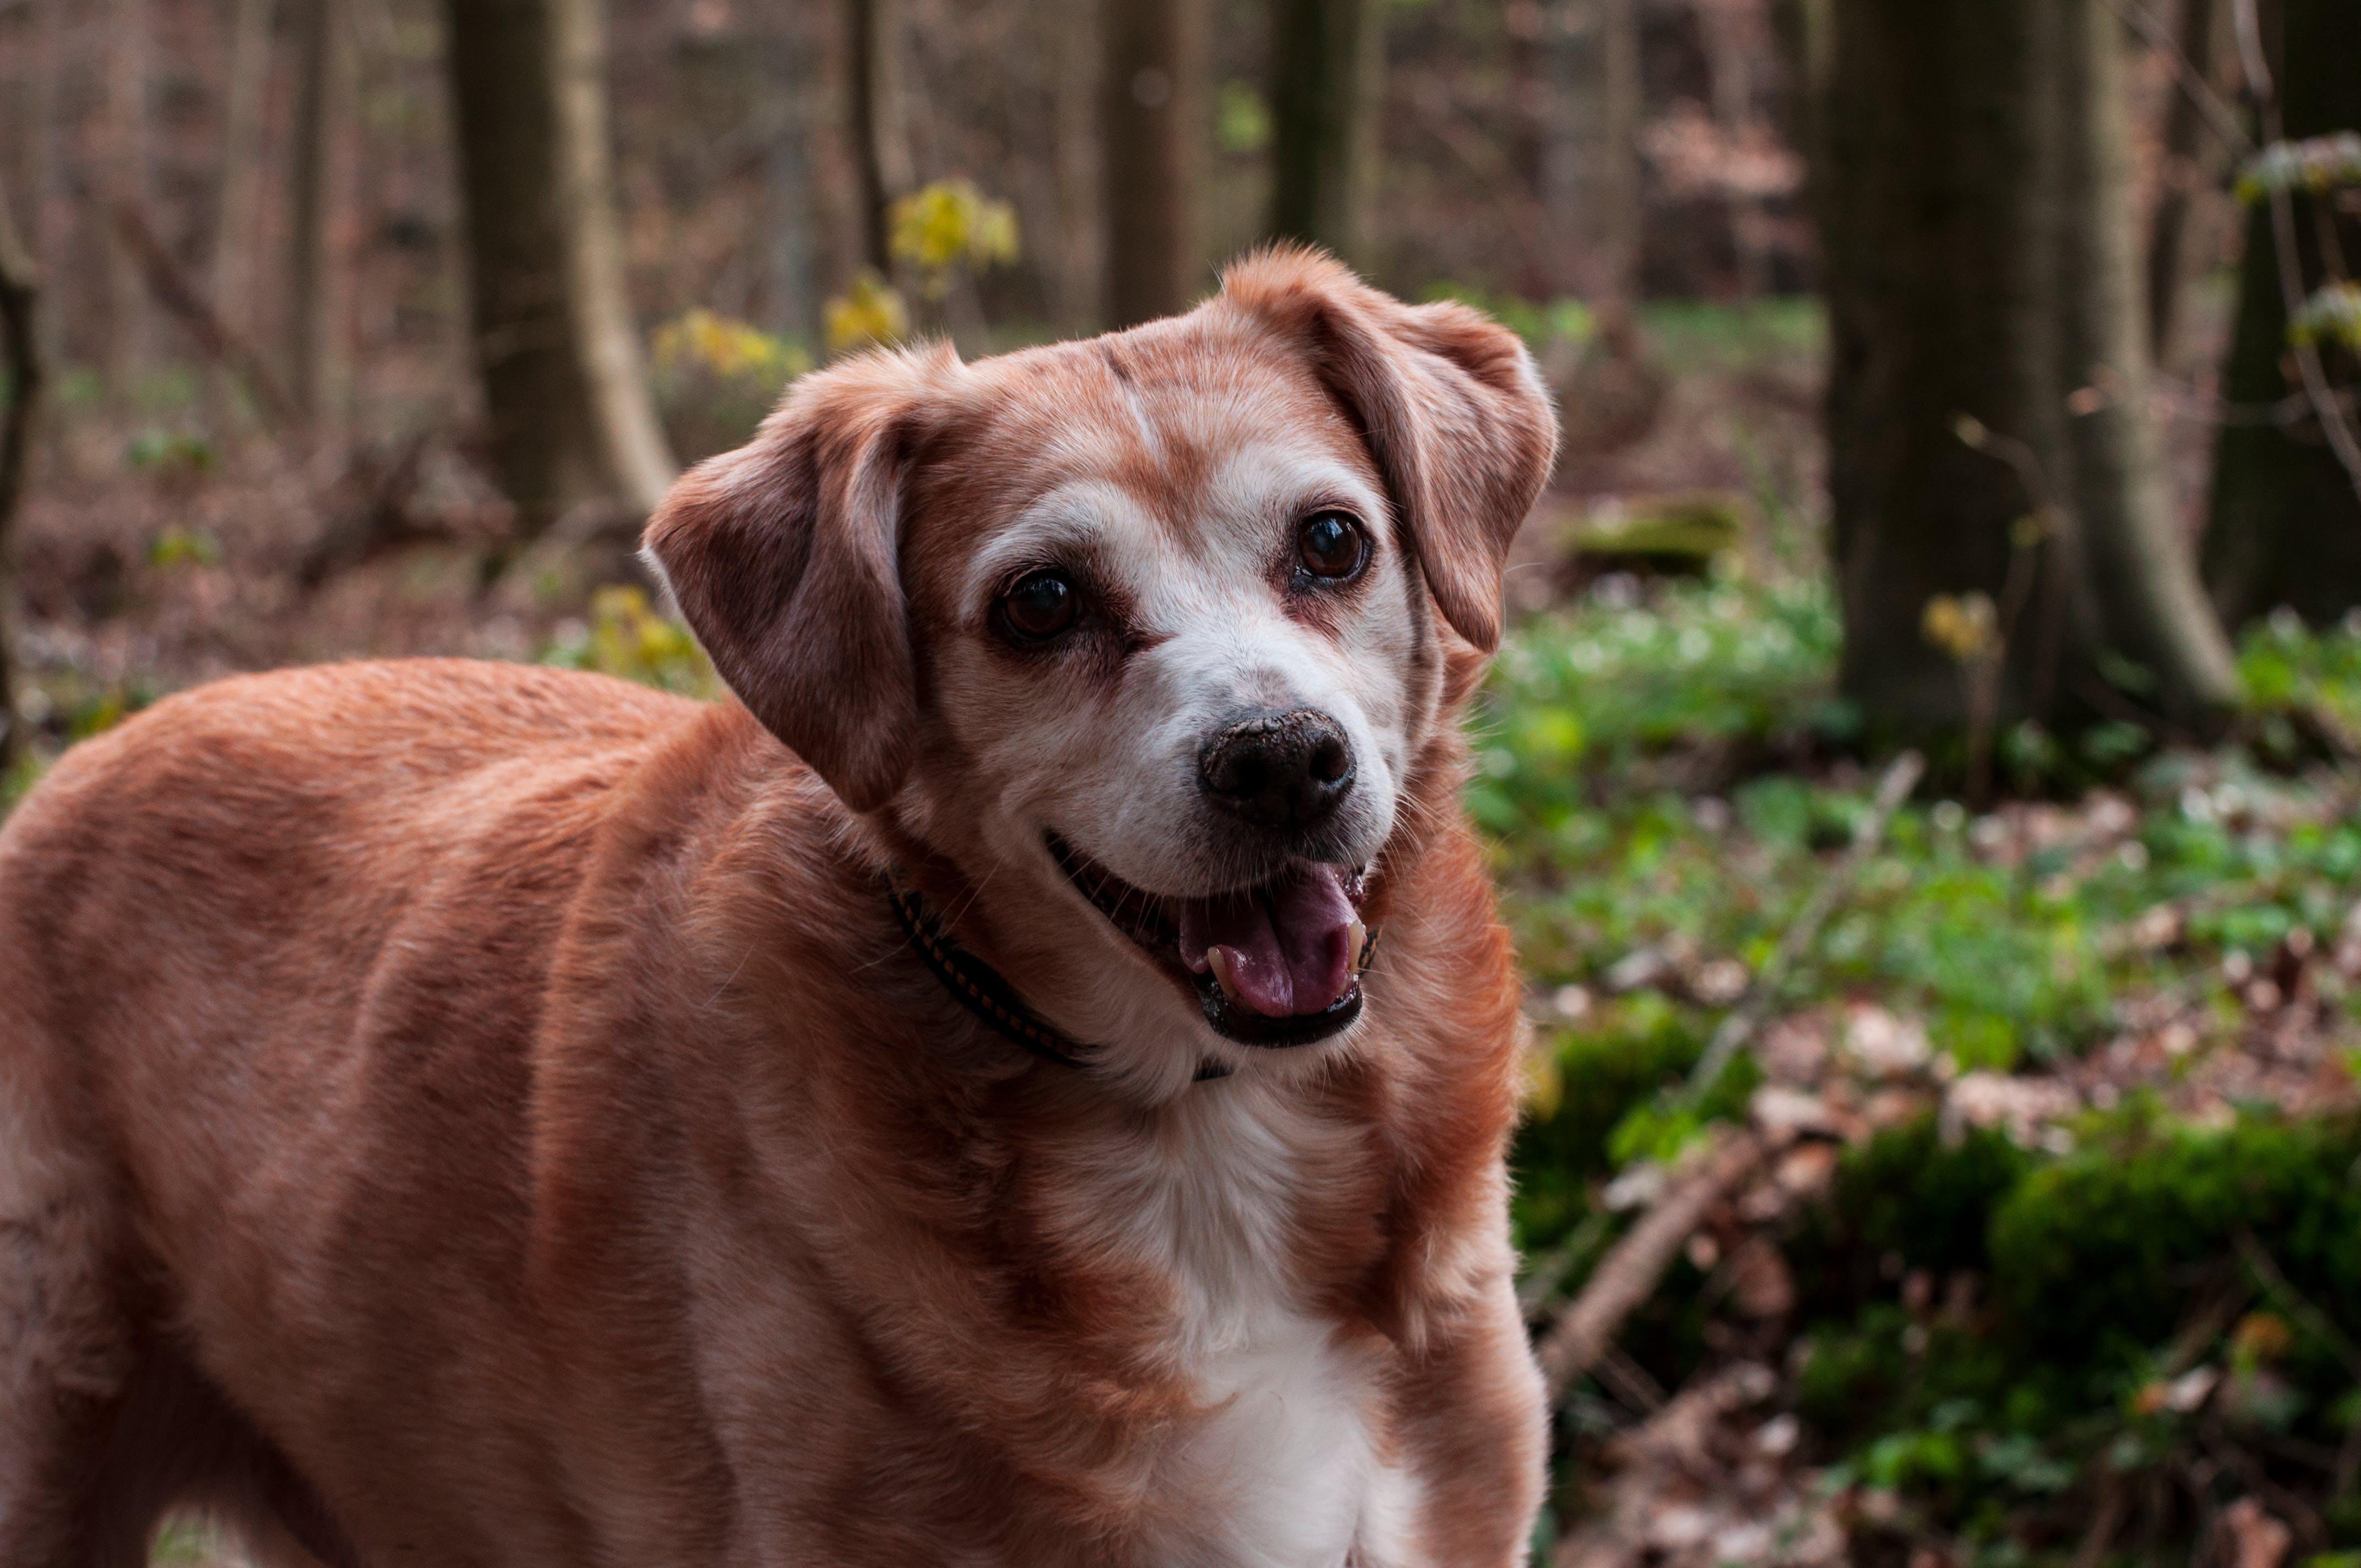 天性, 宠物狗, 最好的朋友, 朋友 的 免费素材照片